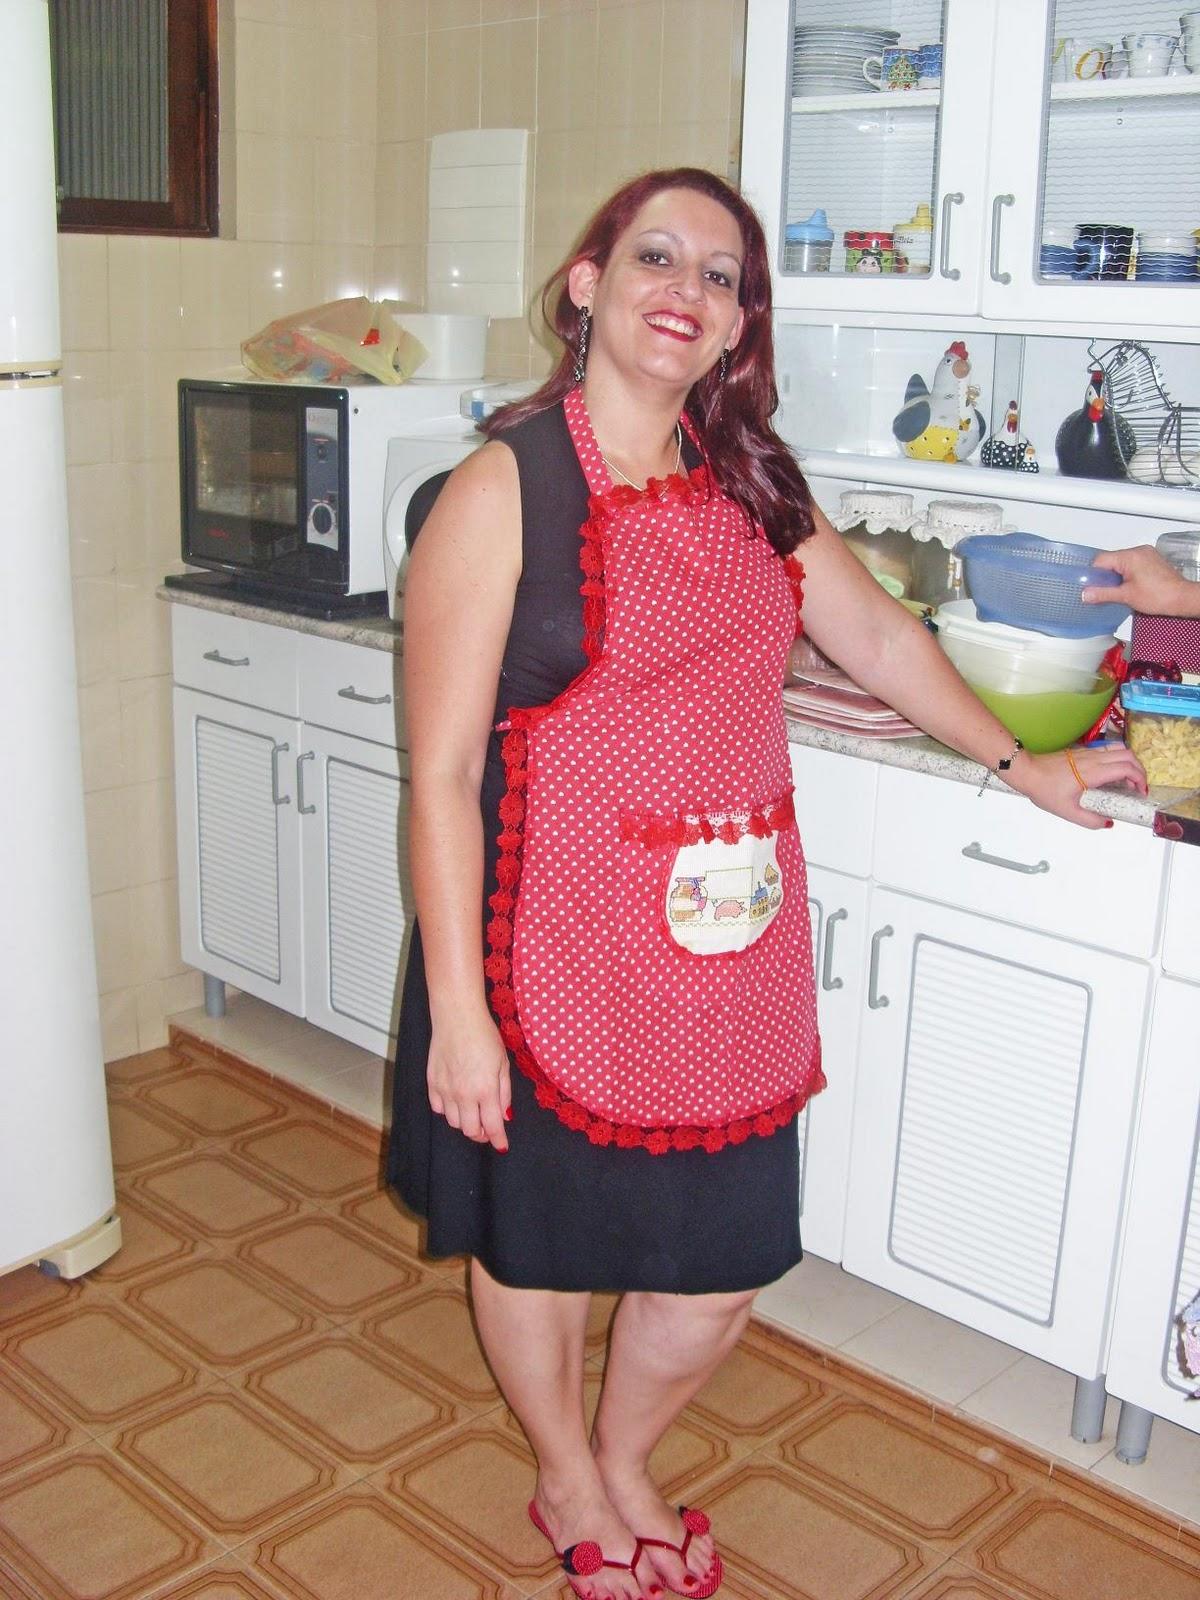 Dona de casa exibi calcinha pro enteado - 2 3